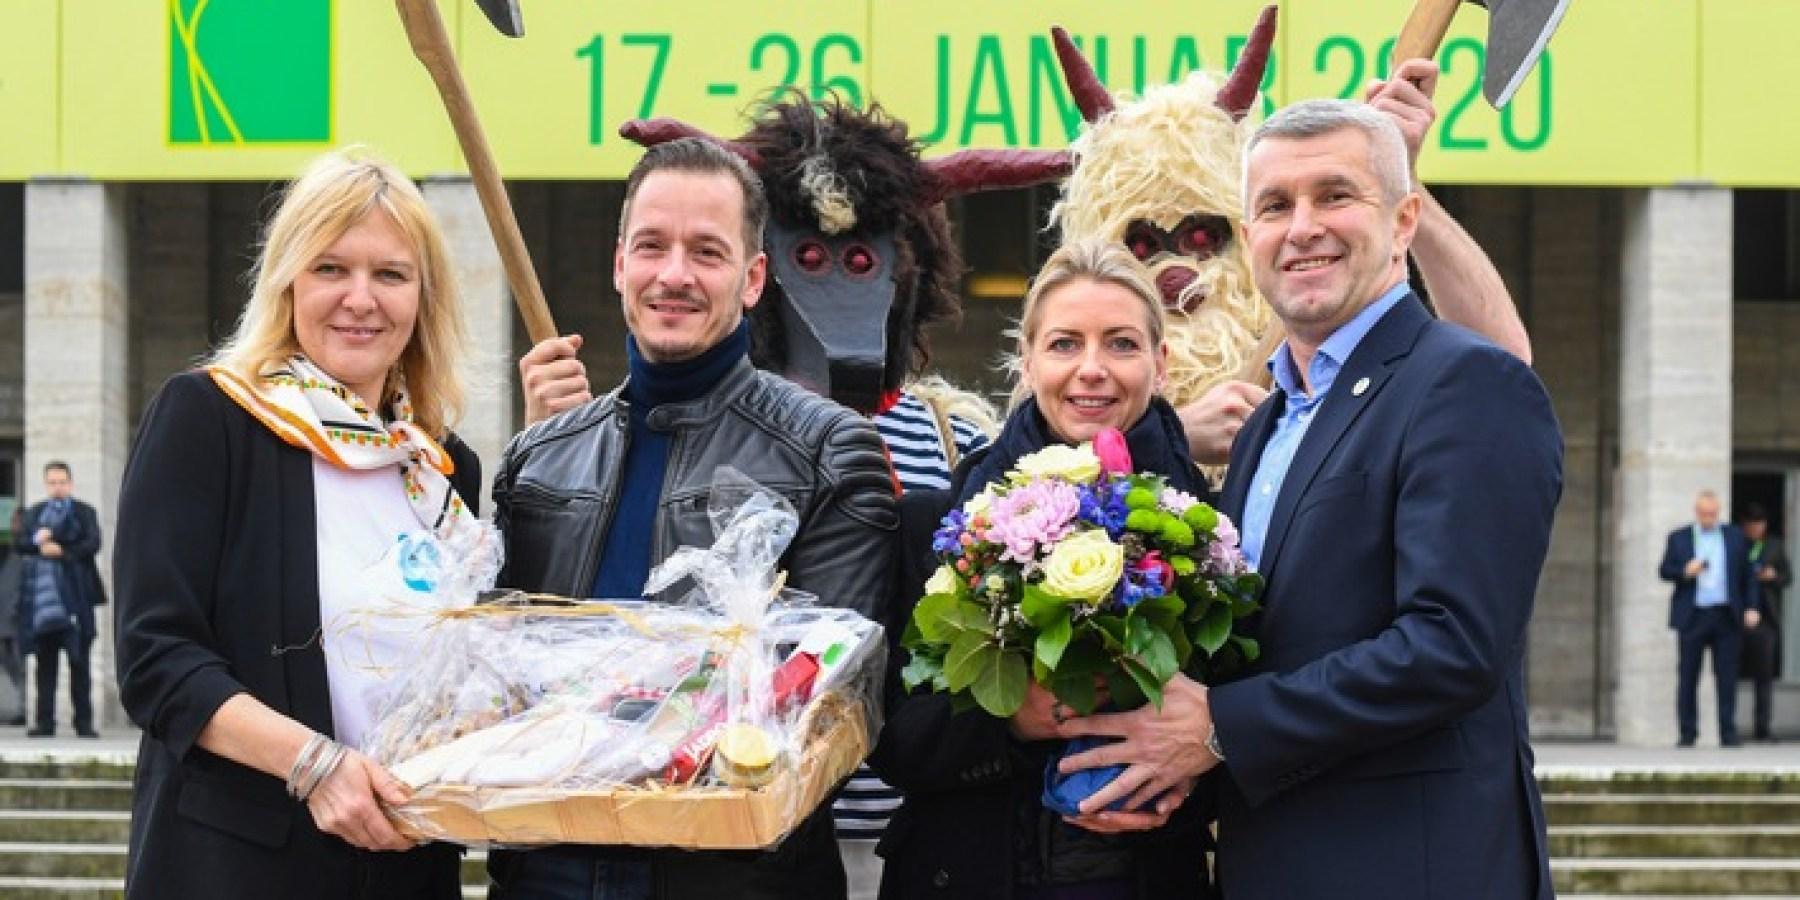 Katharina Schulze ist die 100.000. Besucherin der Grünen Woche